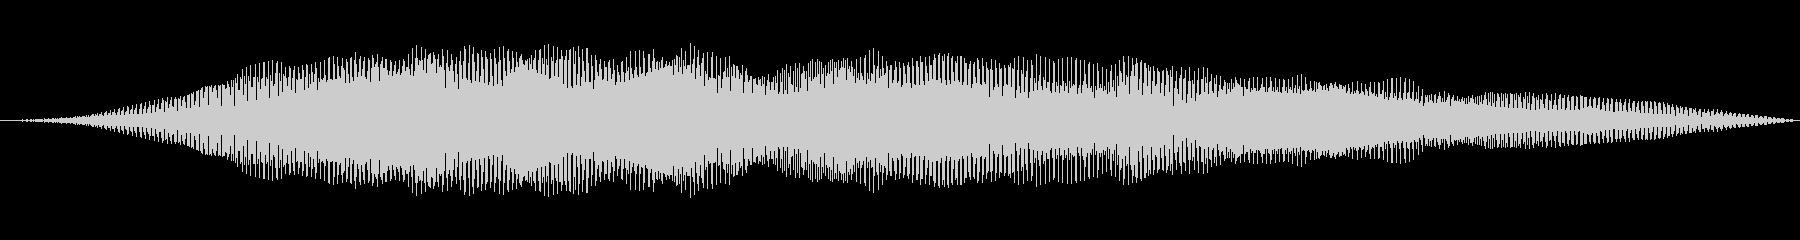 ローシンセパワースイープの未再生の波形